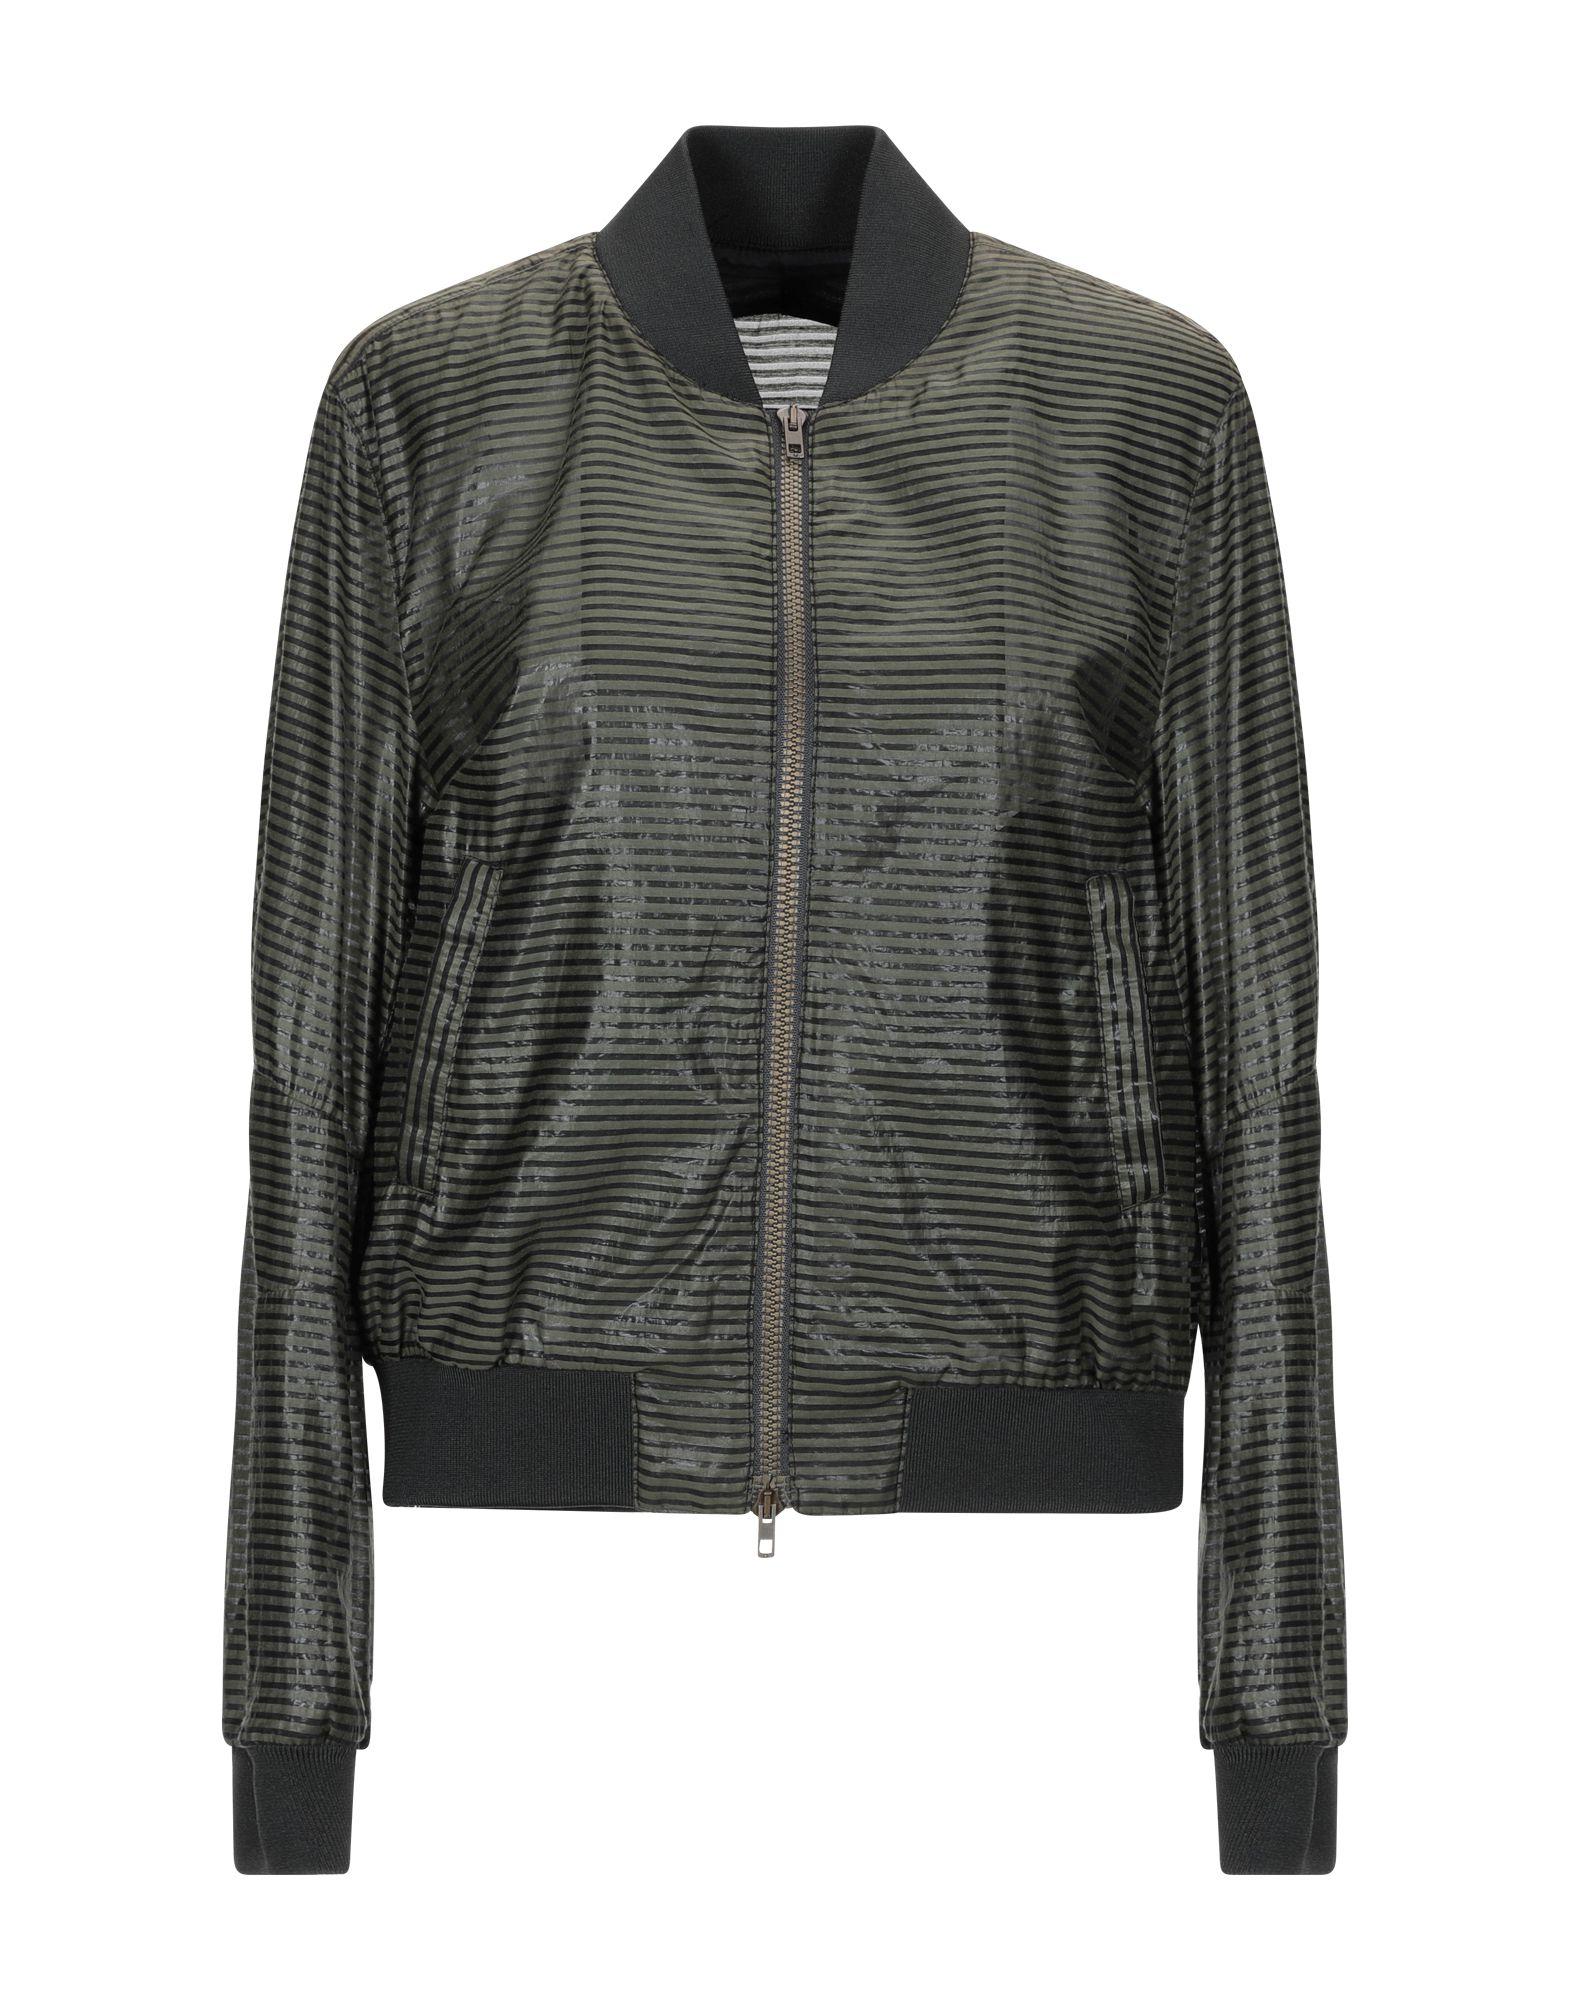 ESEMPLARE Куртка куртка бомбер короткая в полоску с вышивкой 100